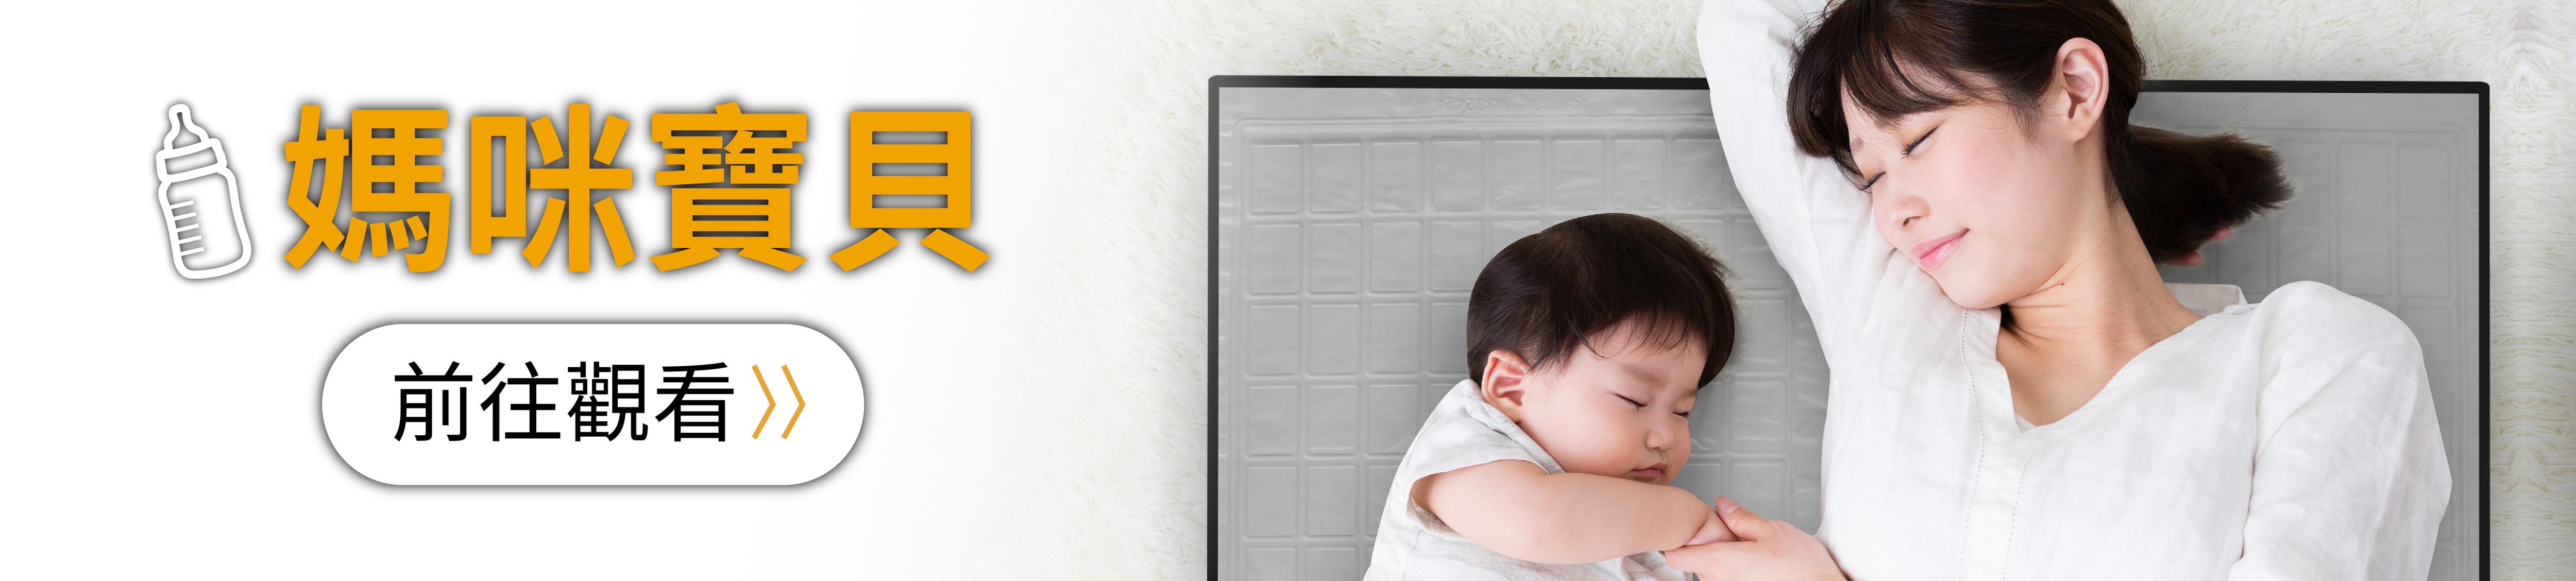 前往康森熱敷機-PRO舒活熱敷機、WiPOS溫博士水暖機W99 2.0,親子母嬰頁面